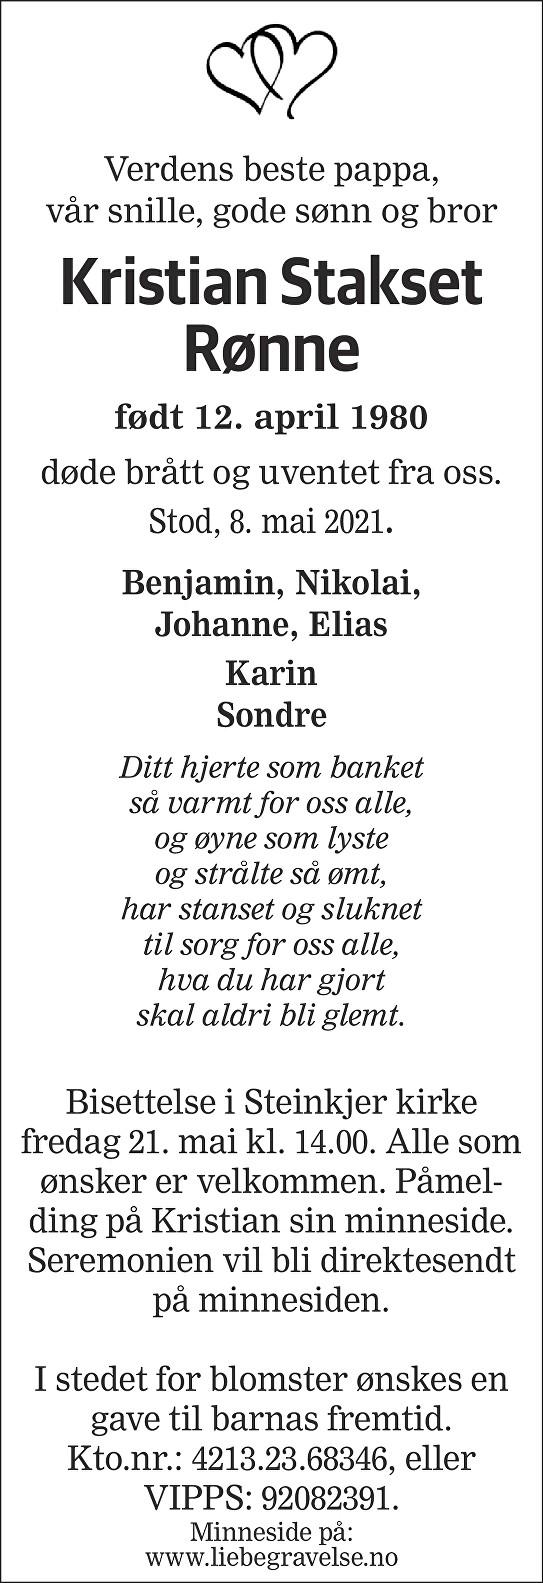 Kristian Stakset Rønne Dødsannonse